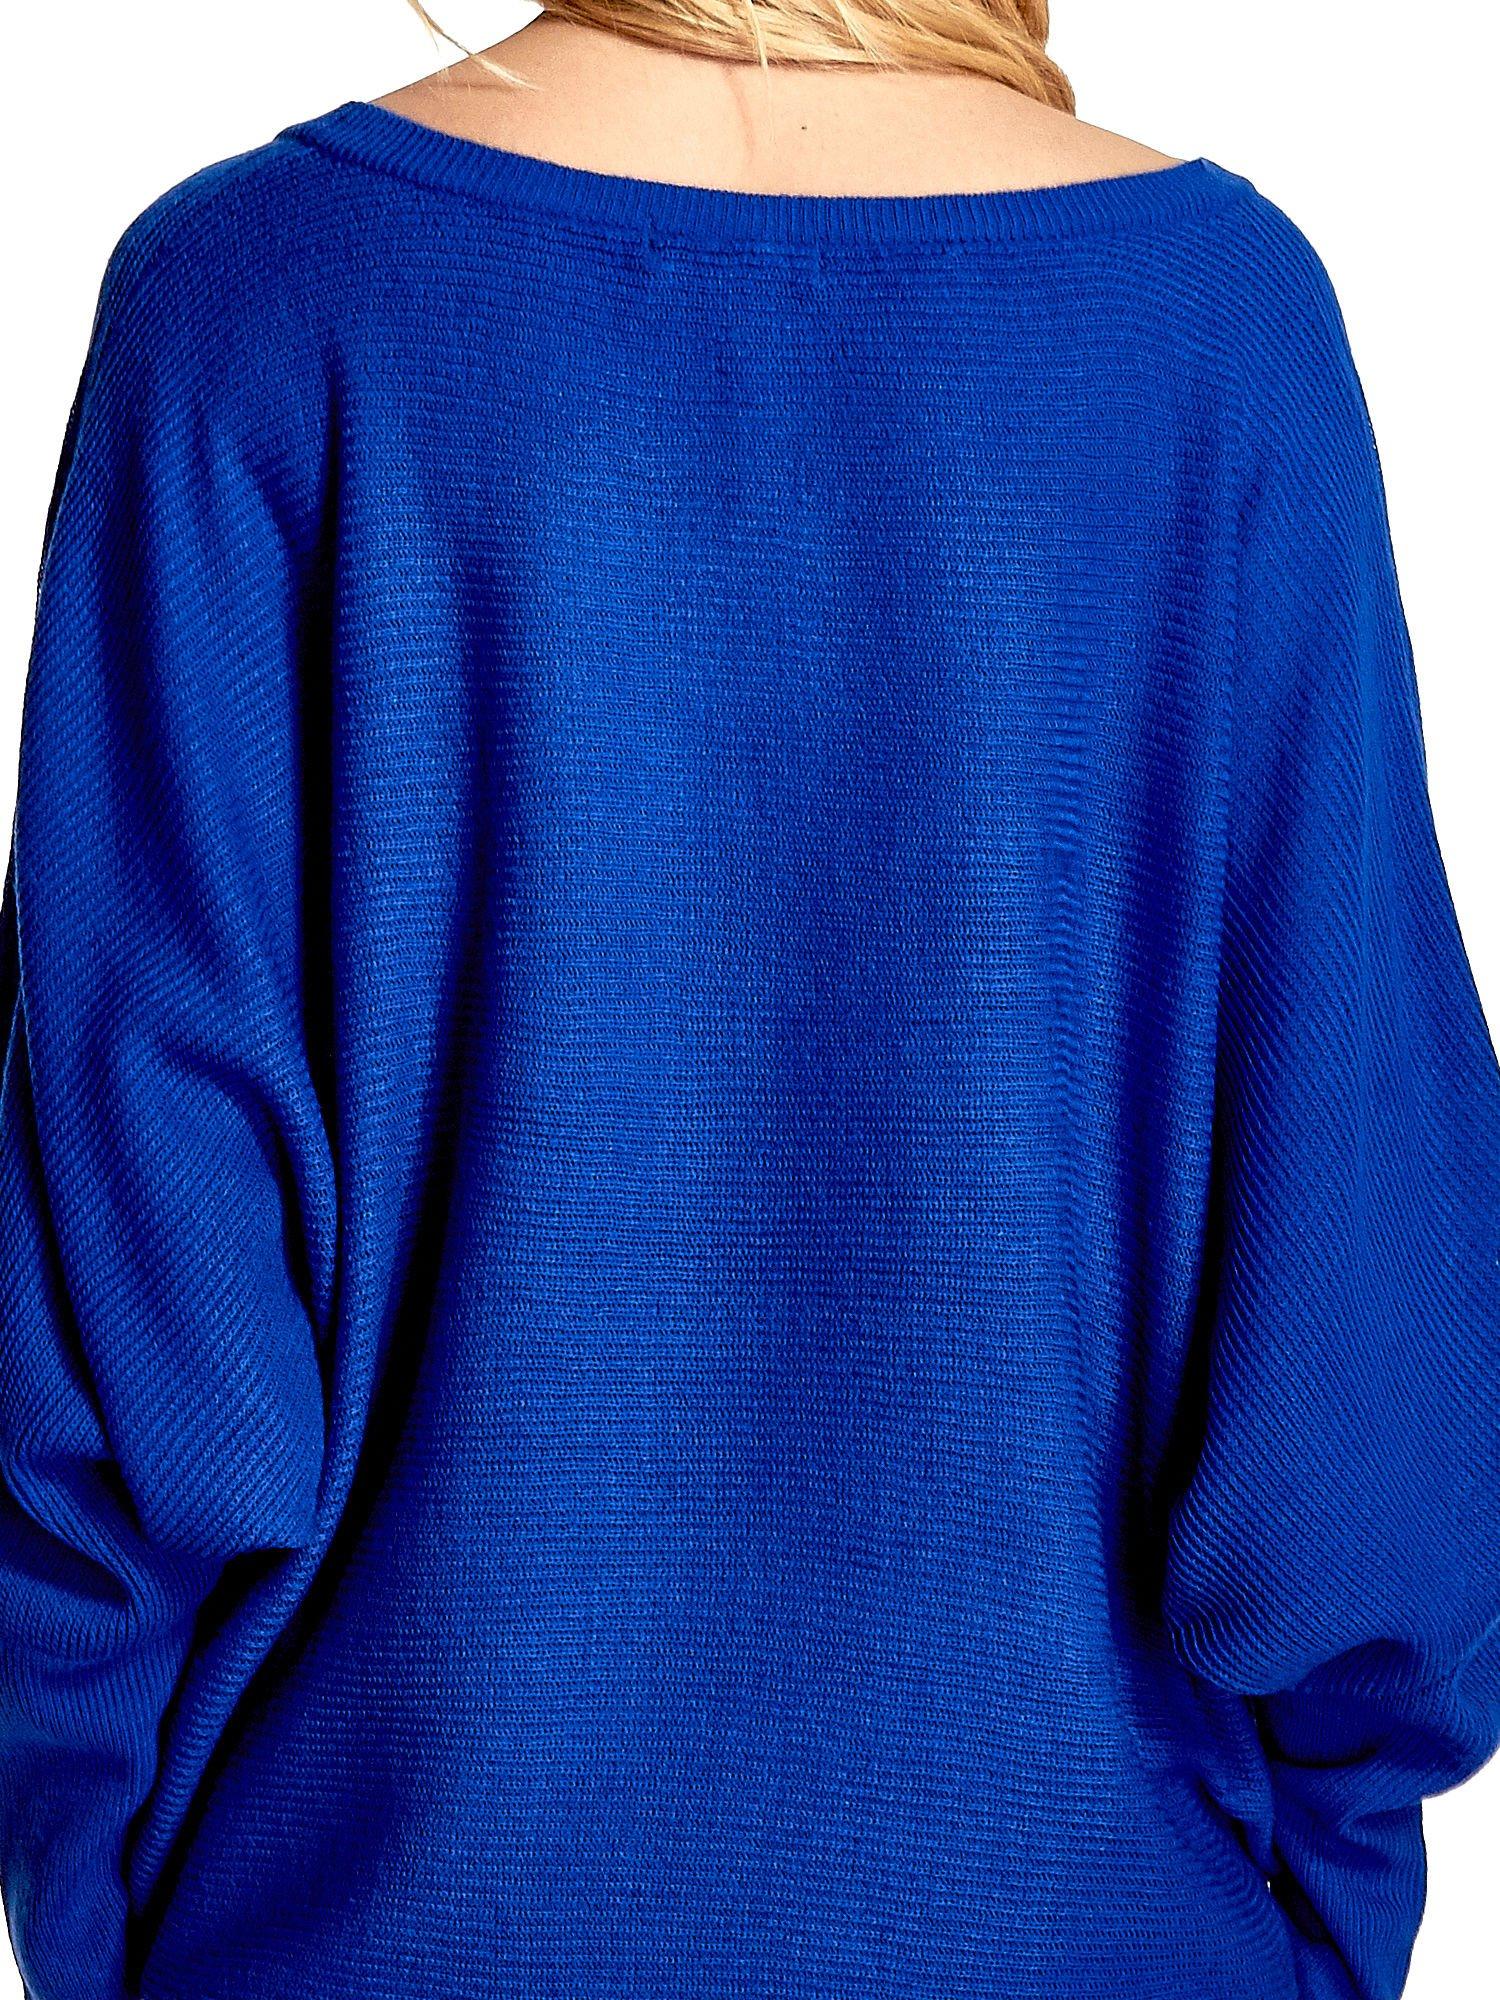 Niebieski sweter z nietoperzowymi rękawami                                  zdj.                                  7